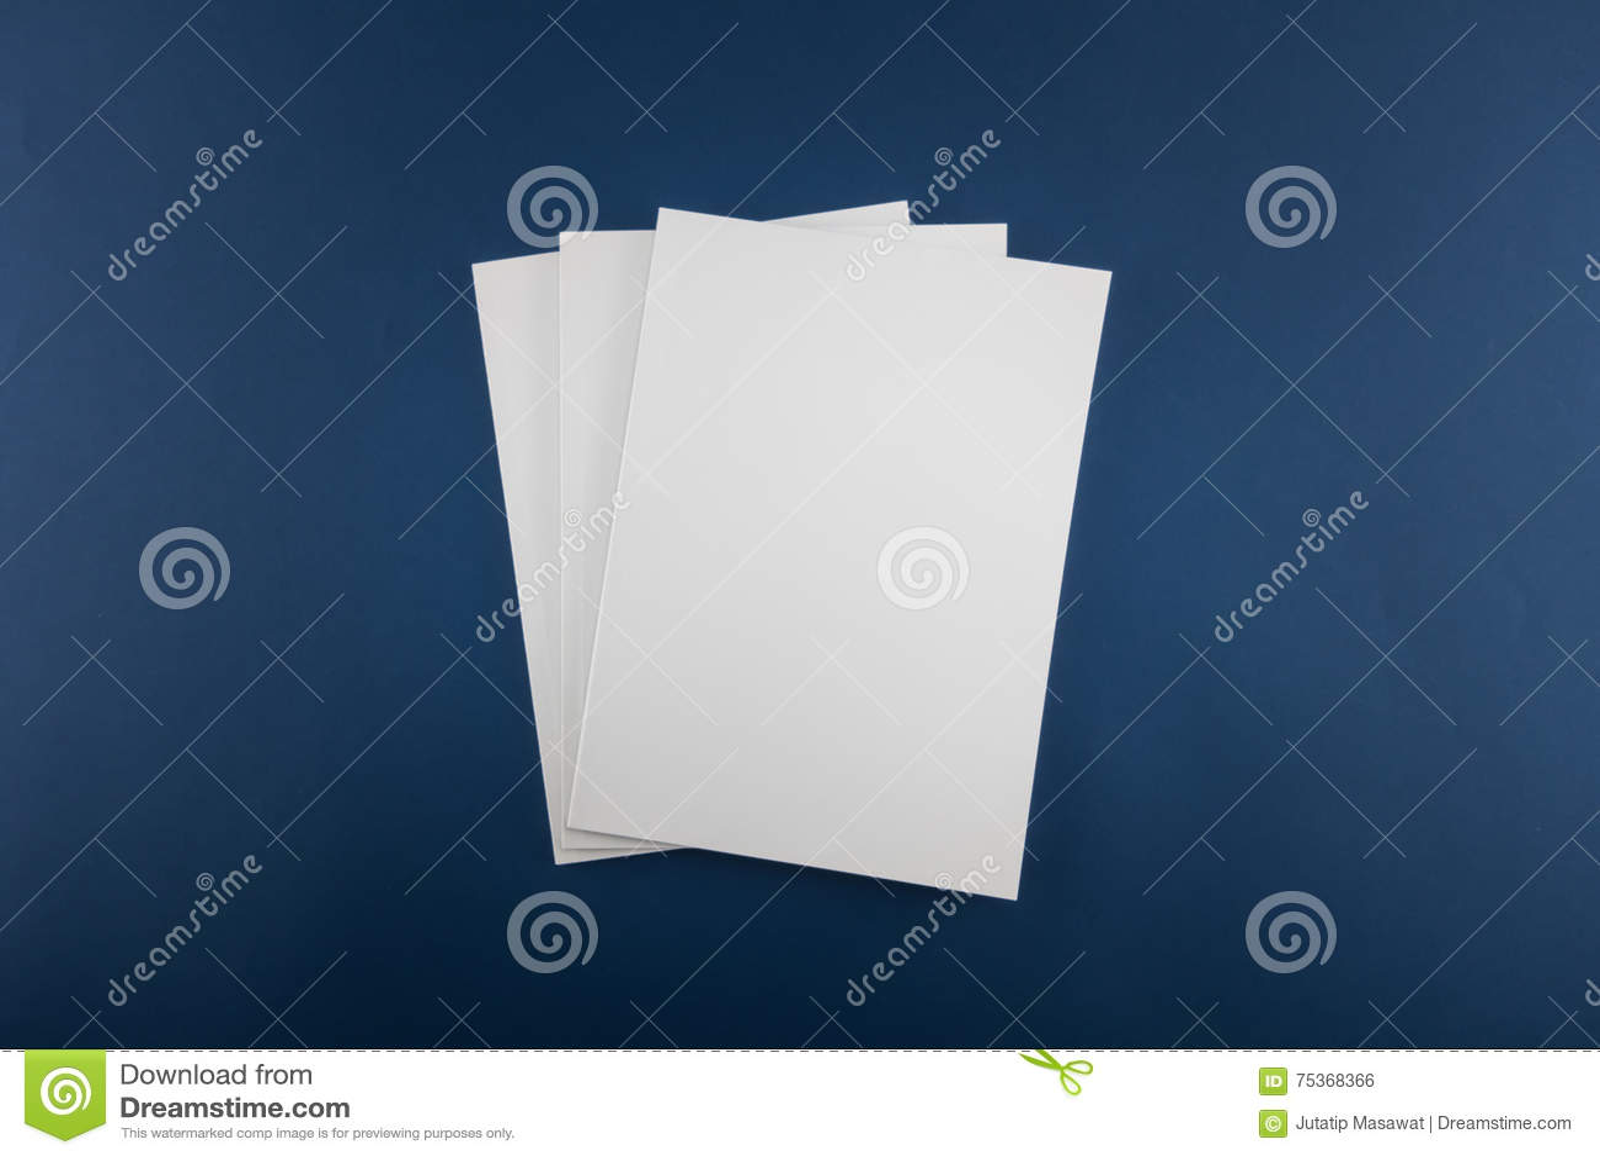 Catálogo vazio, compartimento, molde do livro com sombras macias pronto